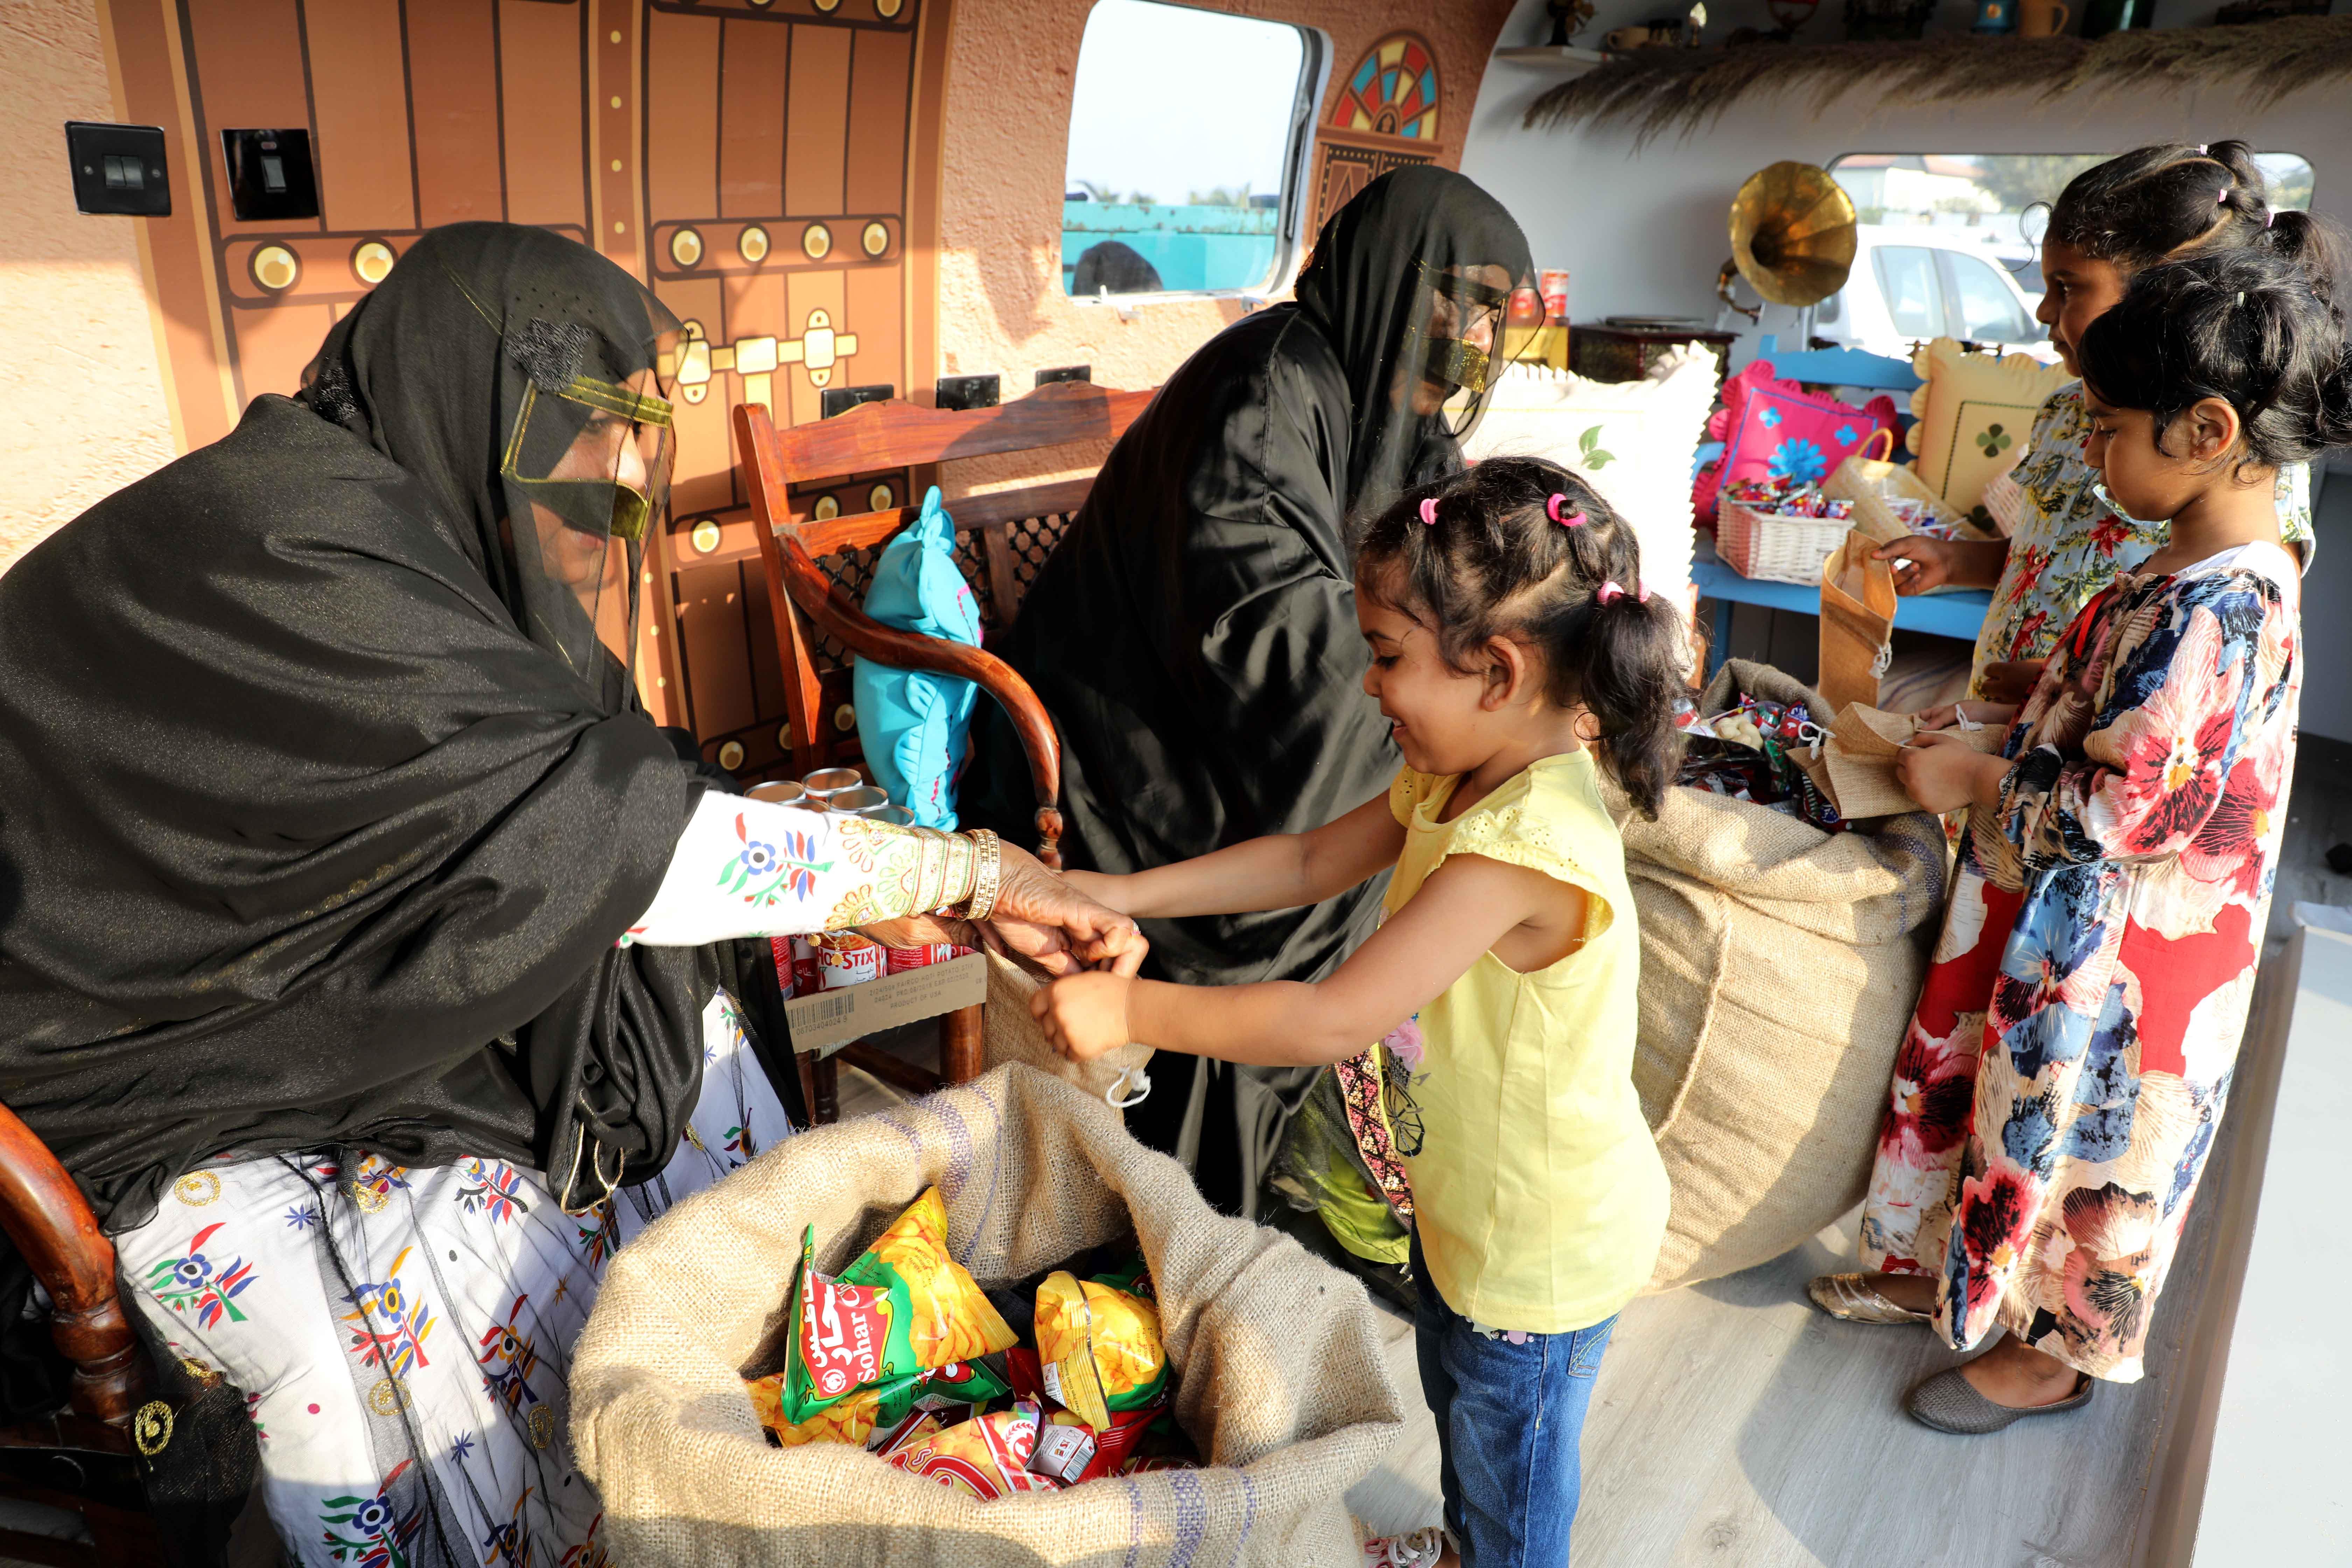 قافلة النصف من شعبان تحتفى بالتراث الشعبى وتجوب الإمارات (4)